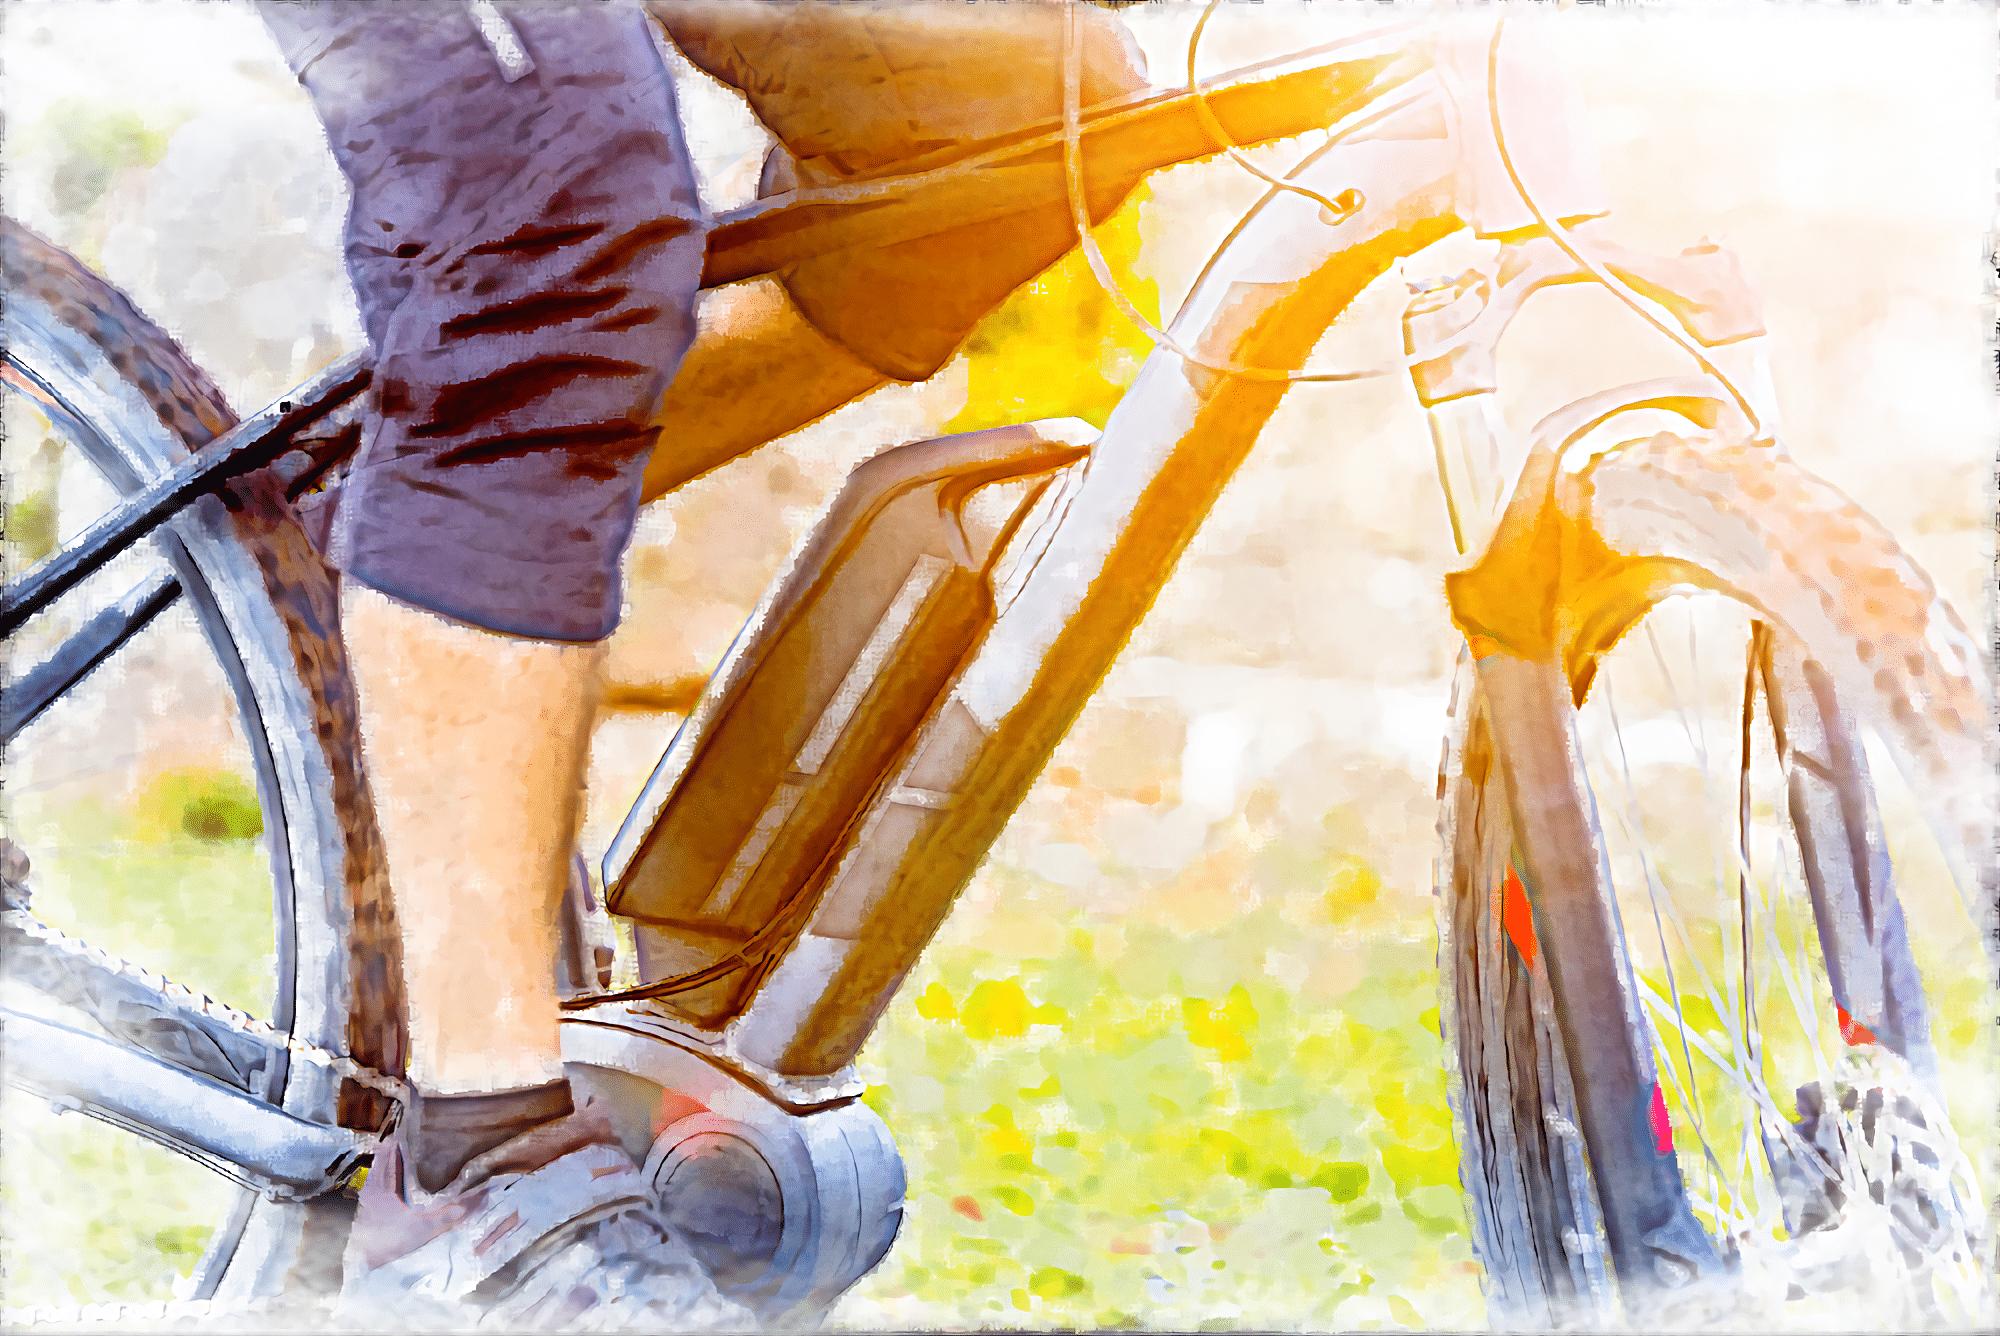 強いアシスト力で急な坂道も快適に走れるe-Bikeは健康維持にも役立つ!